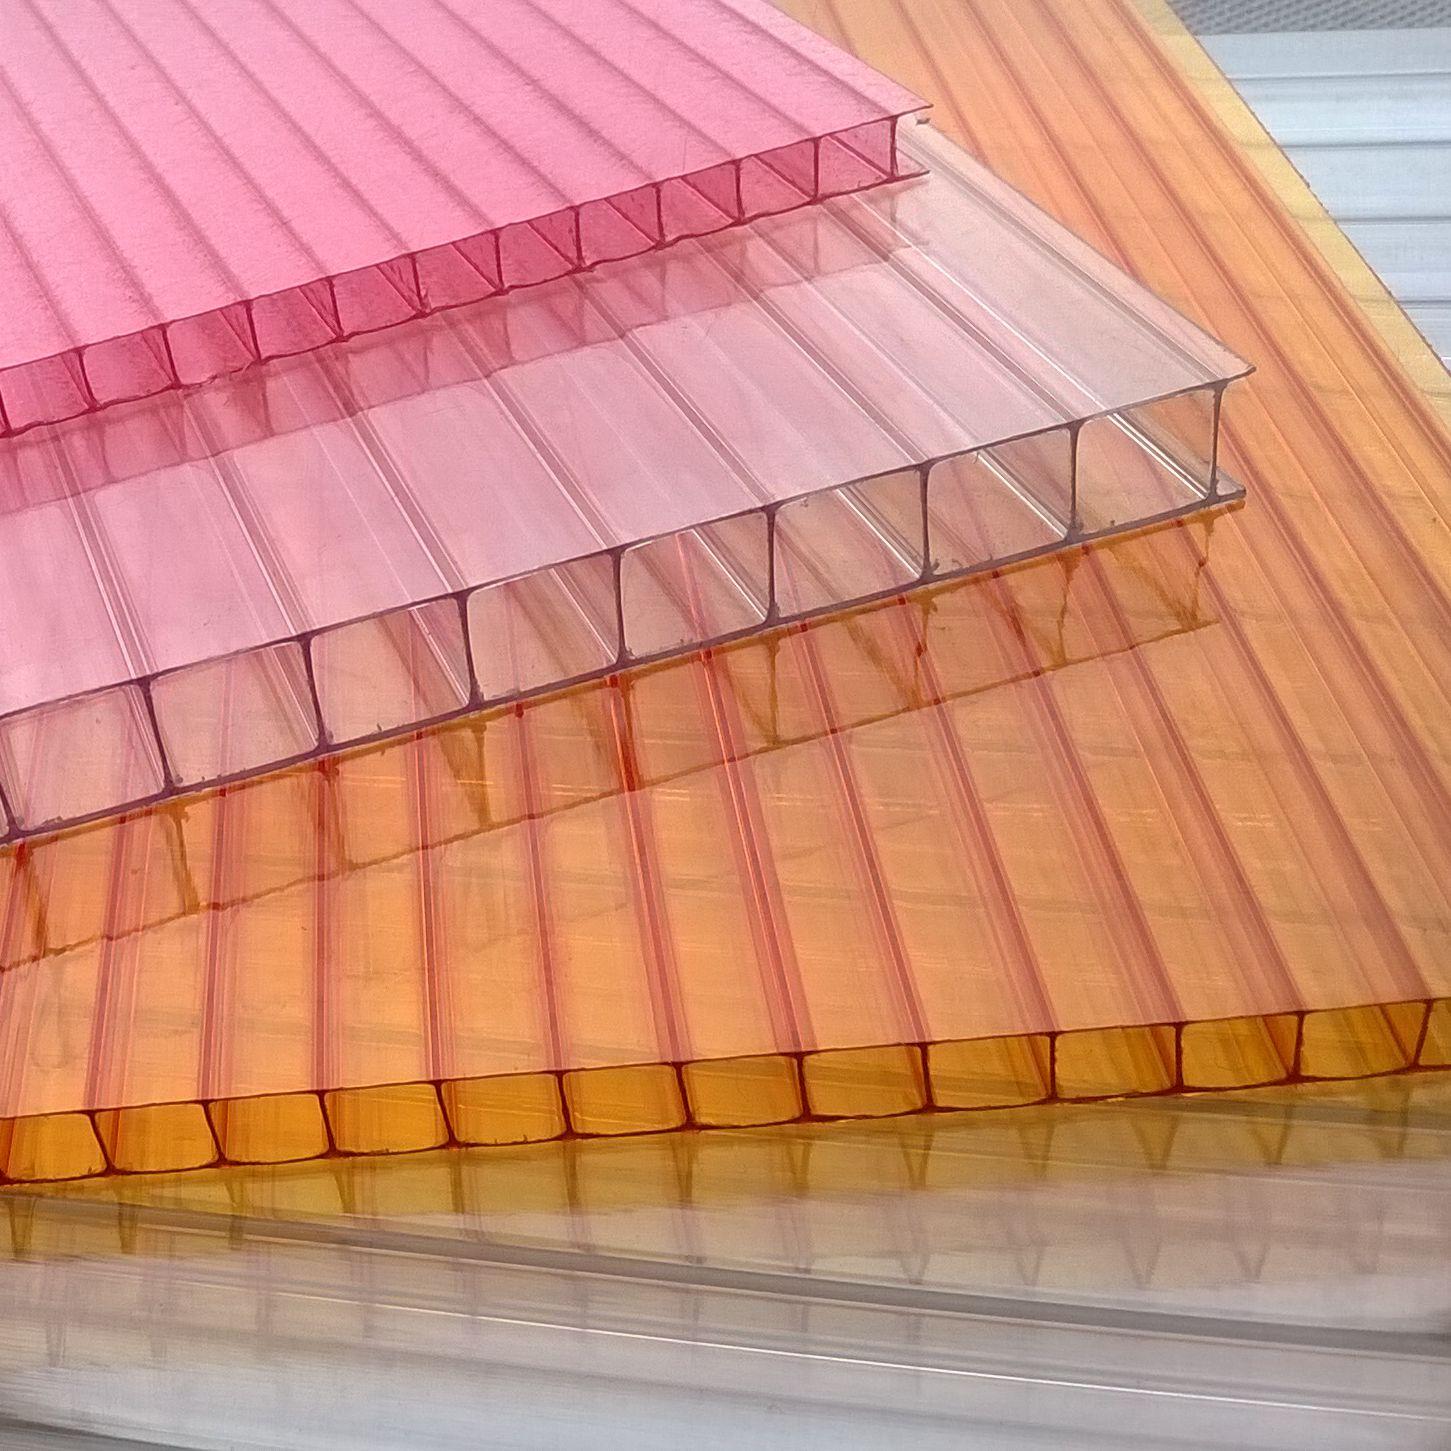 PC擴散板廠家分析耐力板與陽光板哪個比較好?